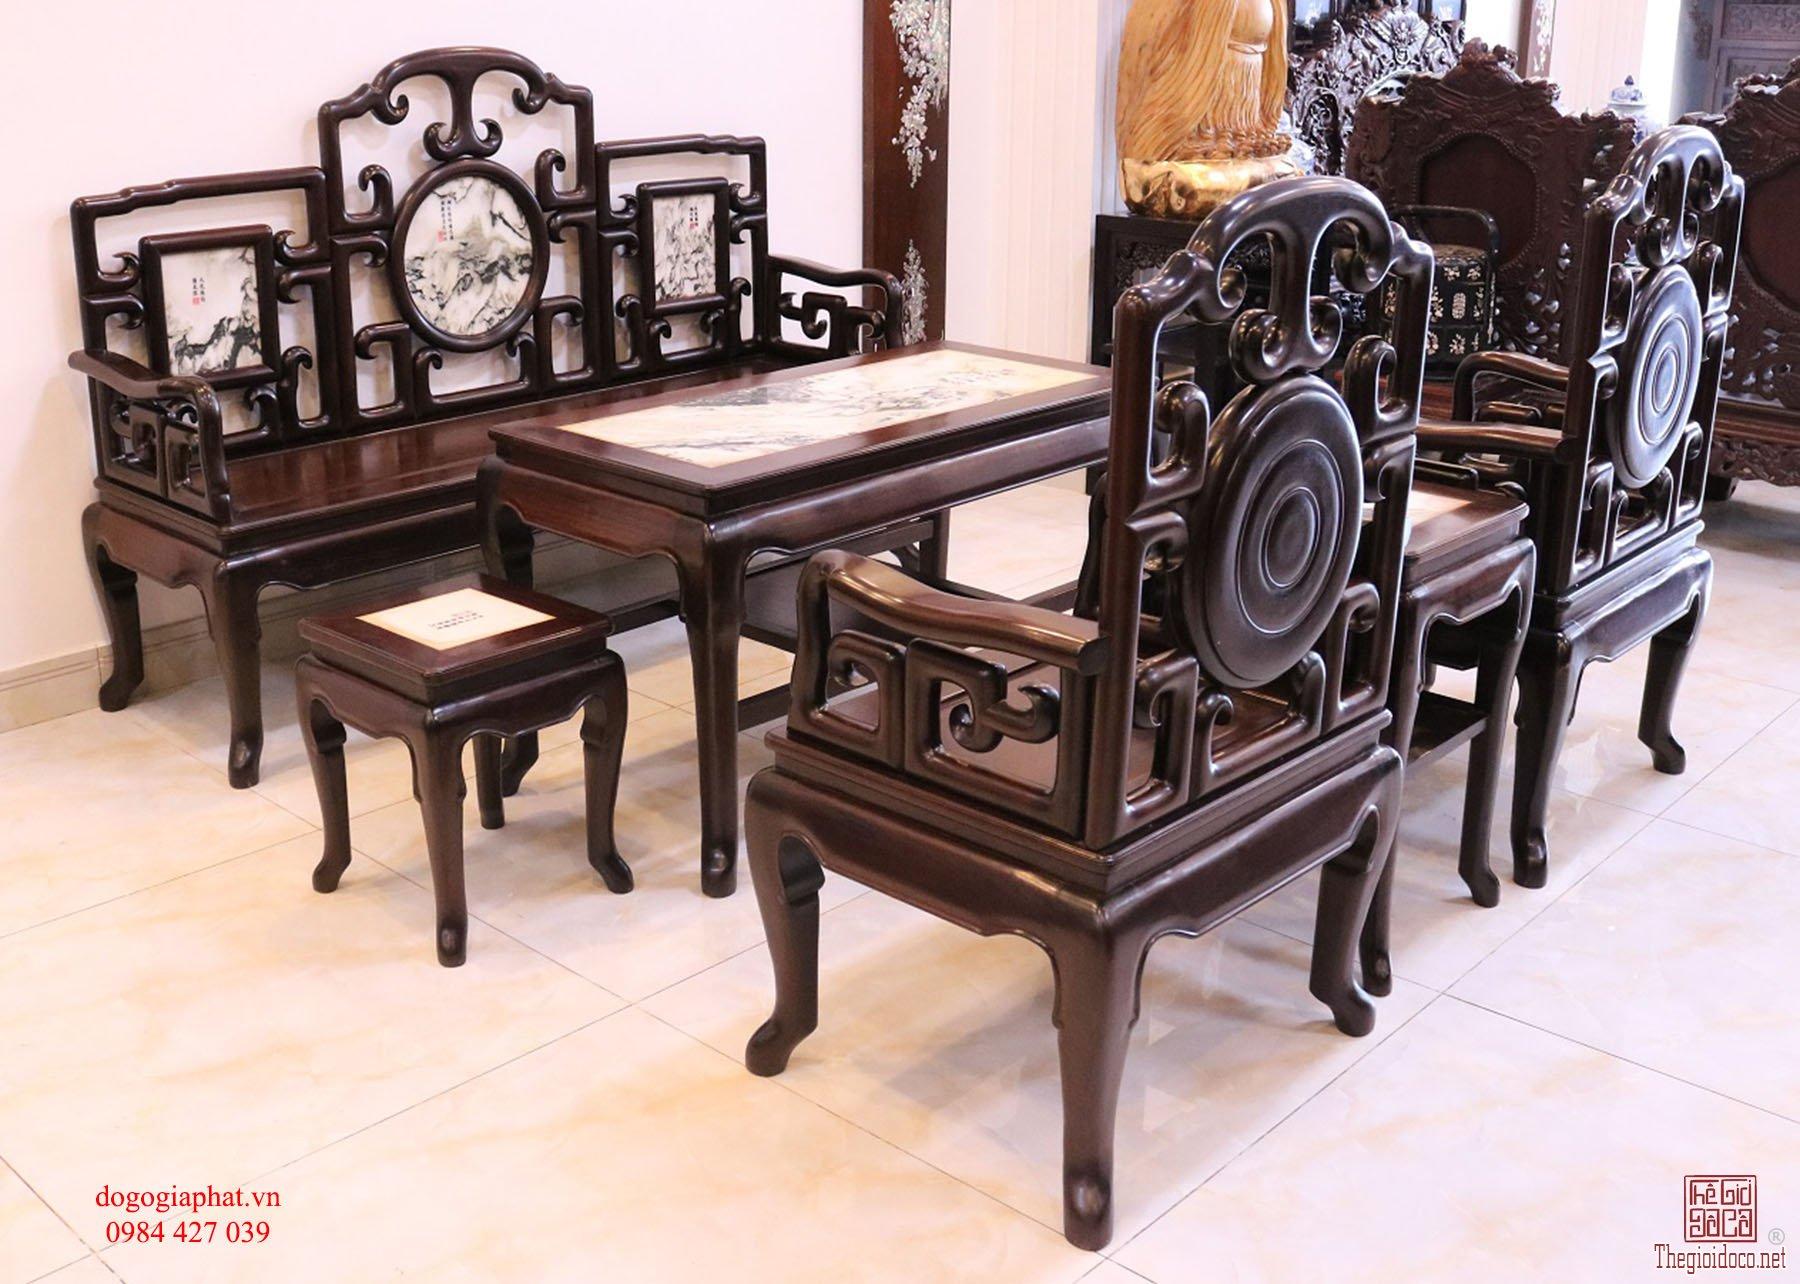 Bộ ghế móc gỗ gụ ta quảng bình - hàng tái già